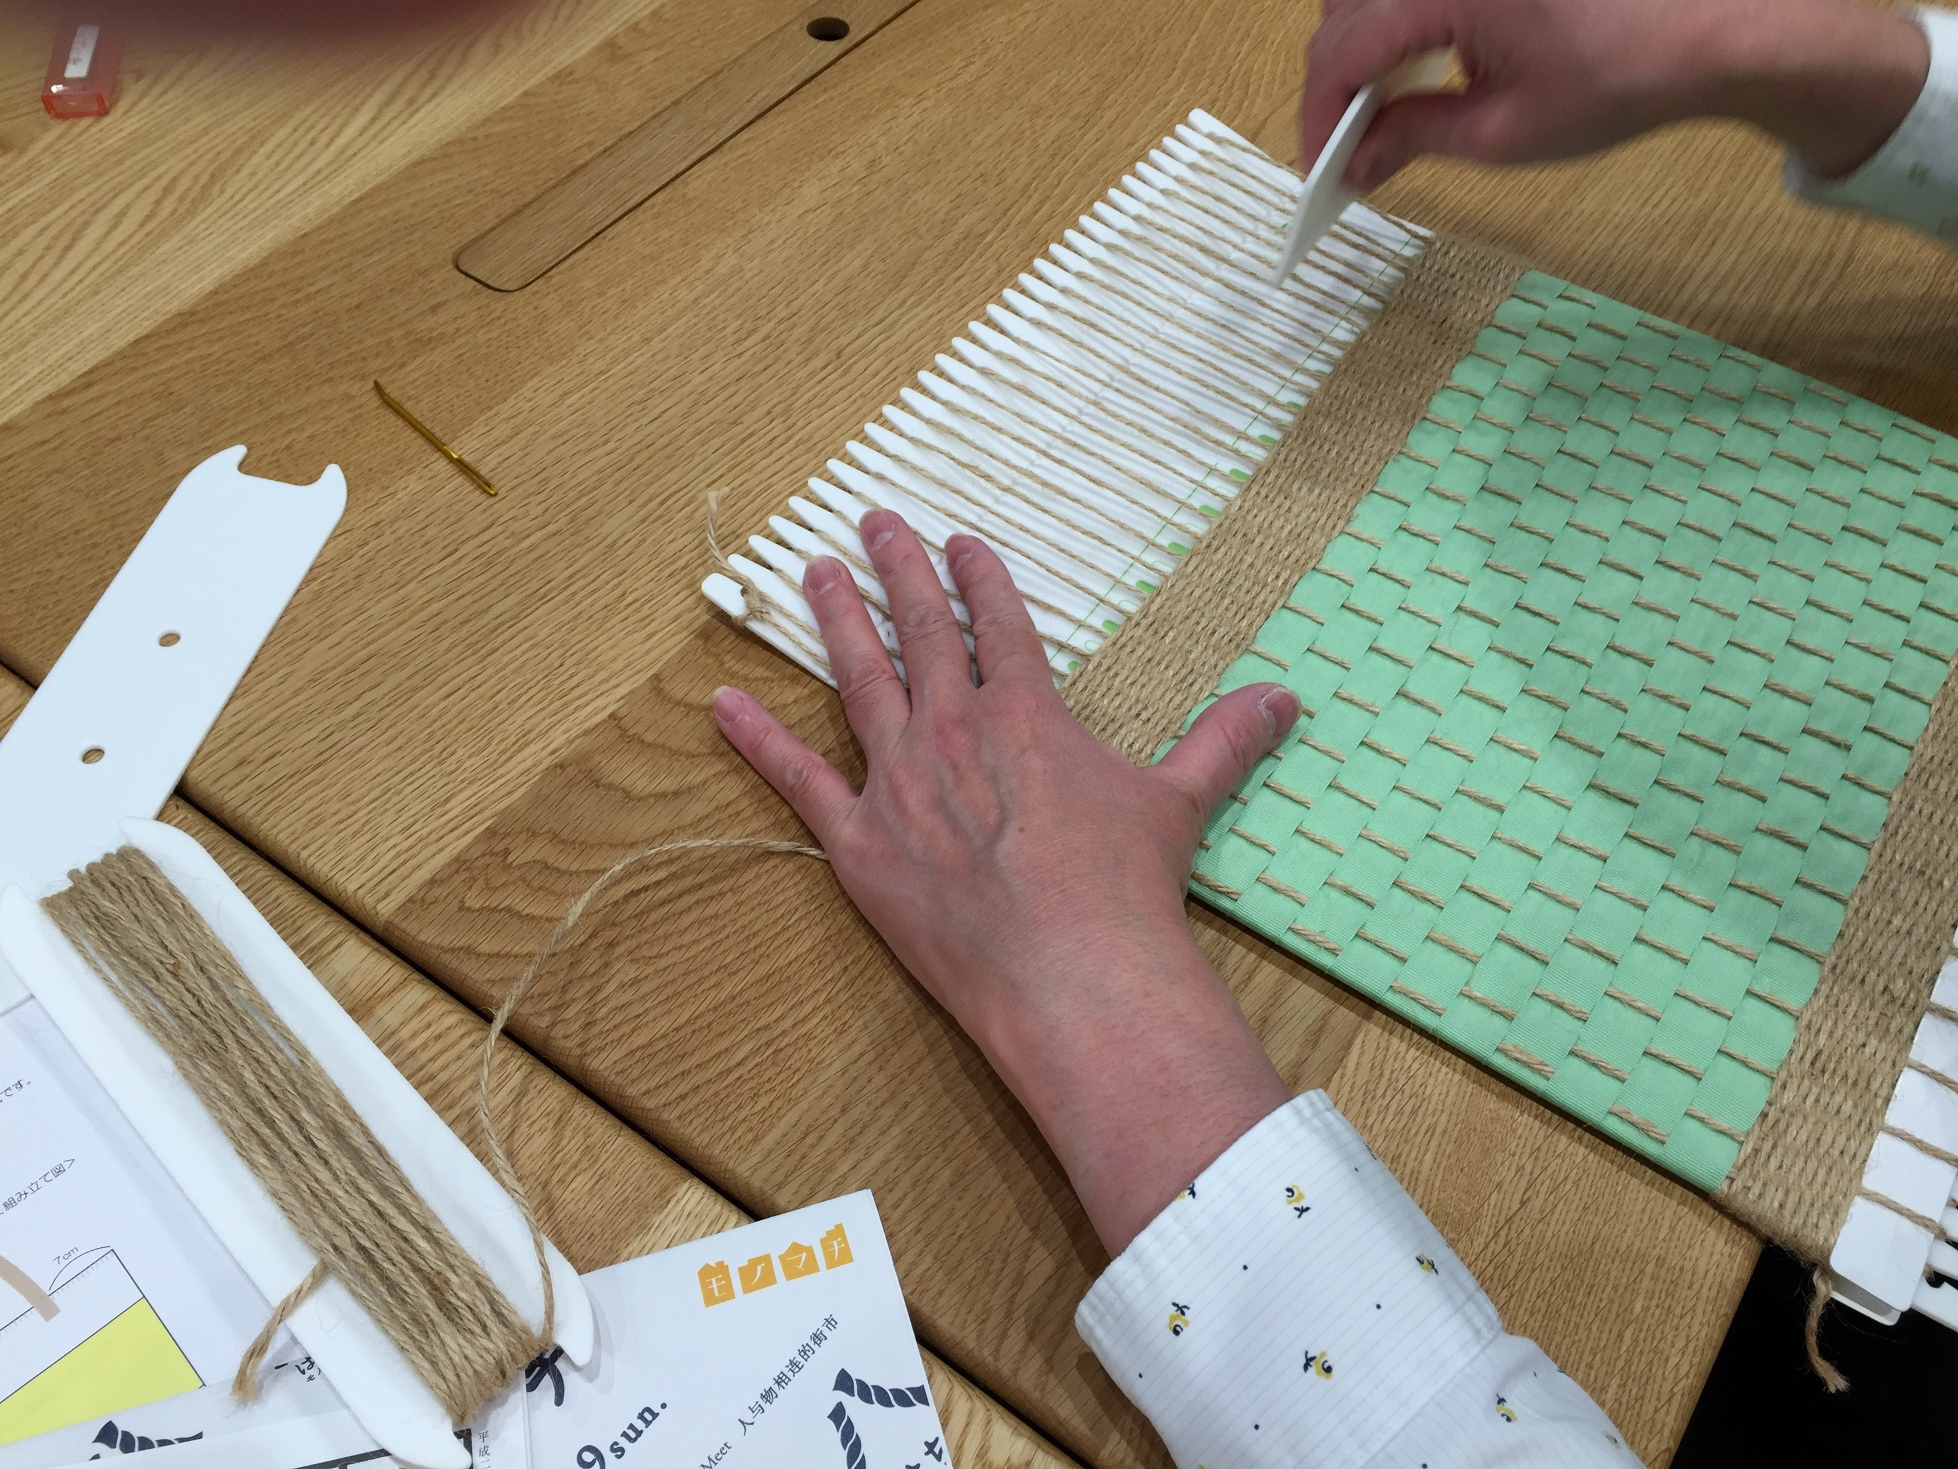 クシで織り糸を整える